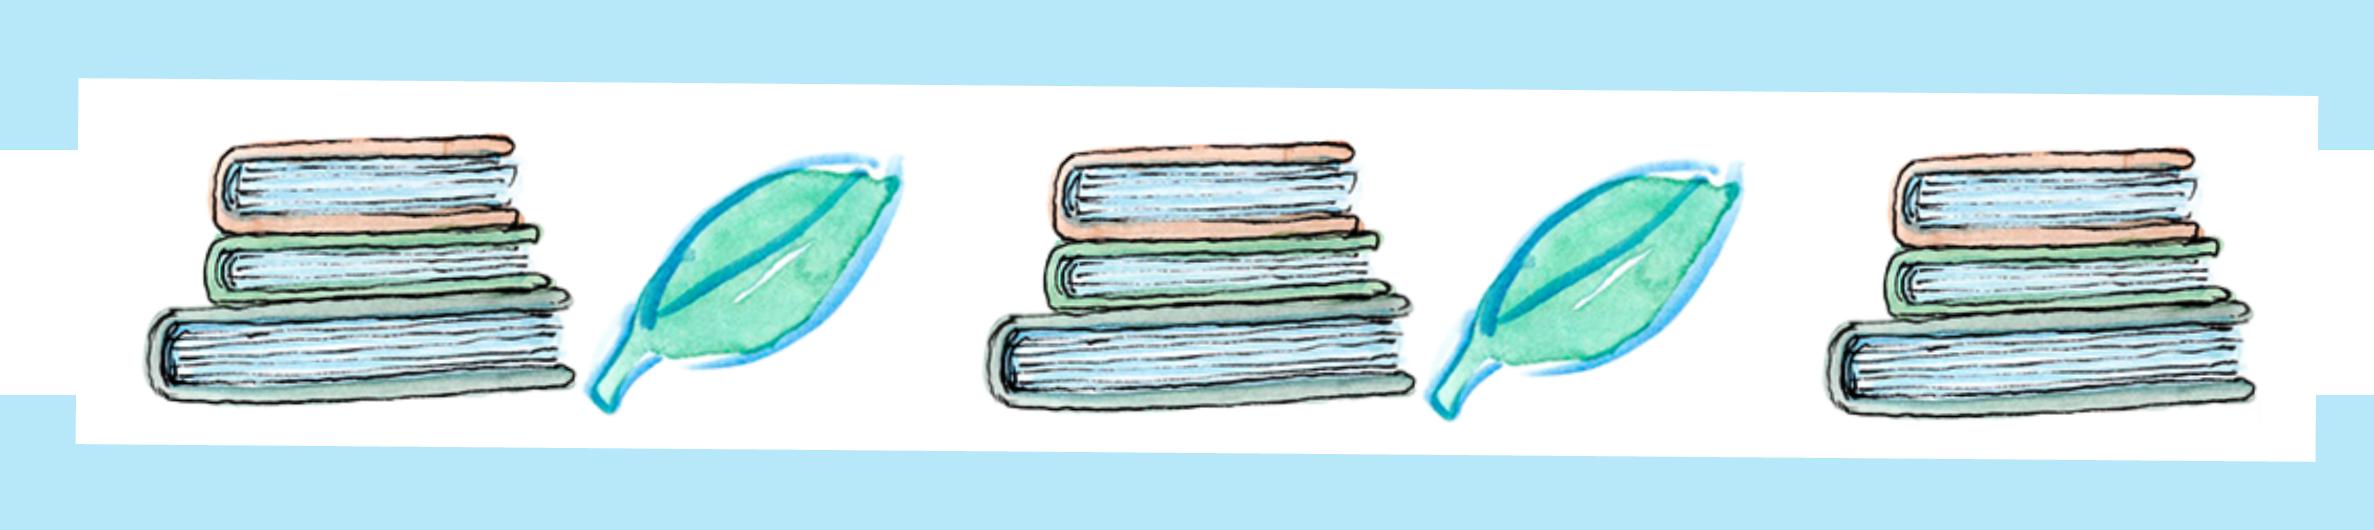 books_divider